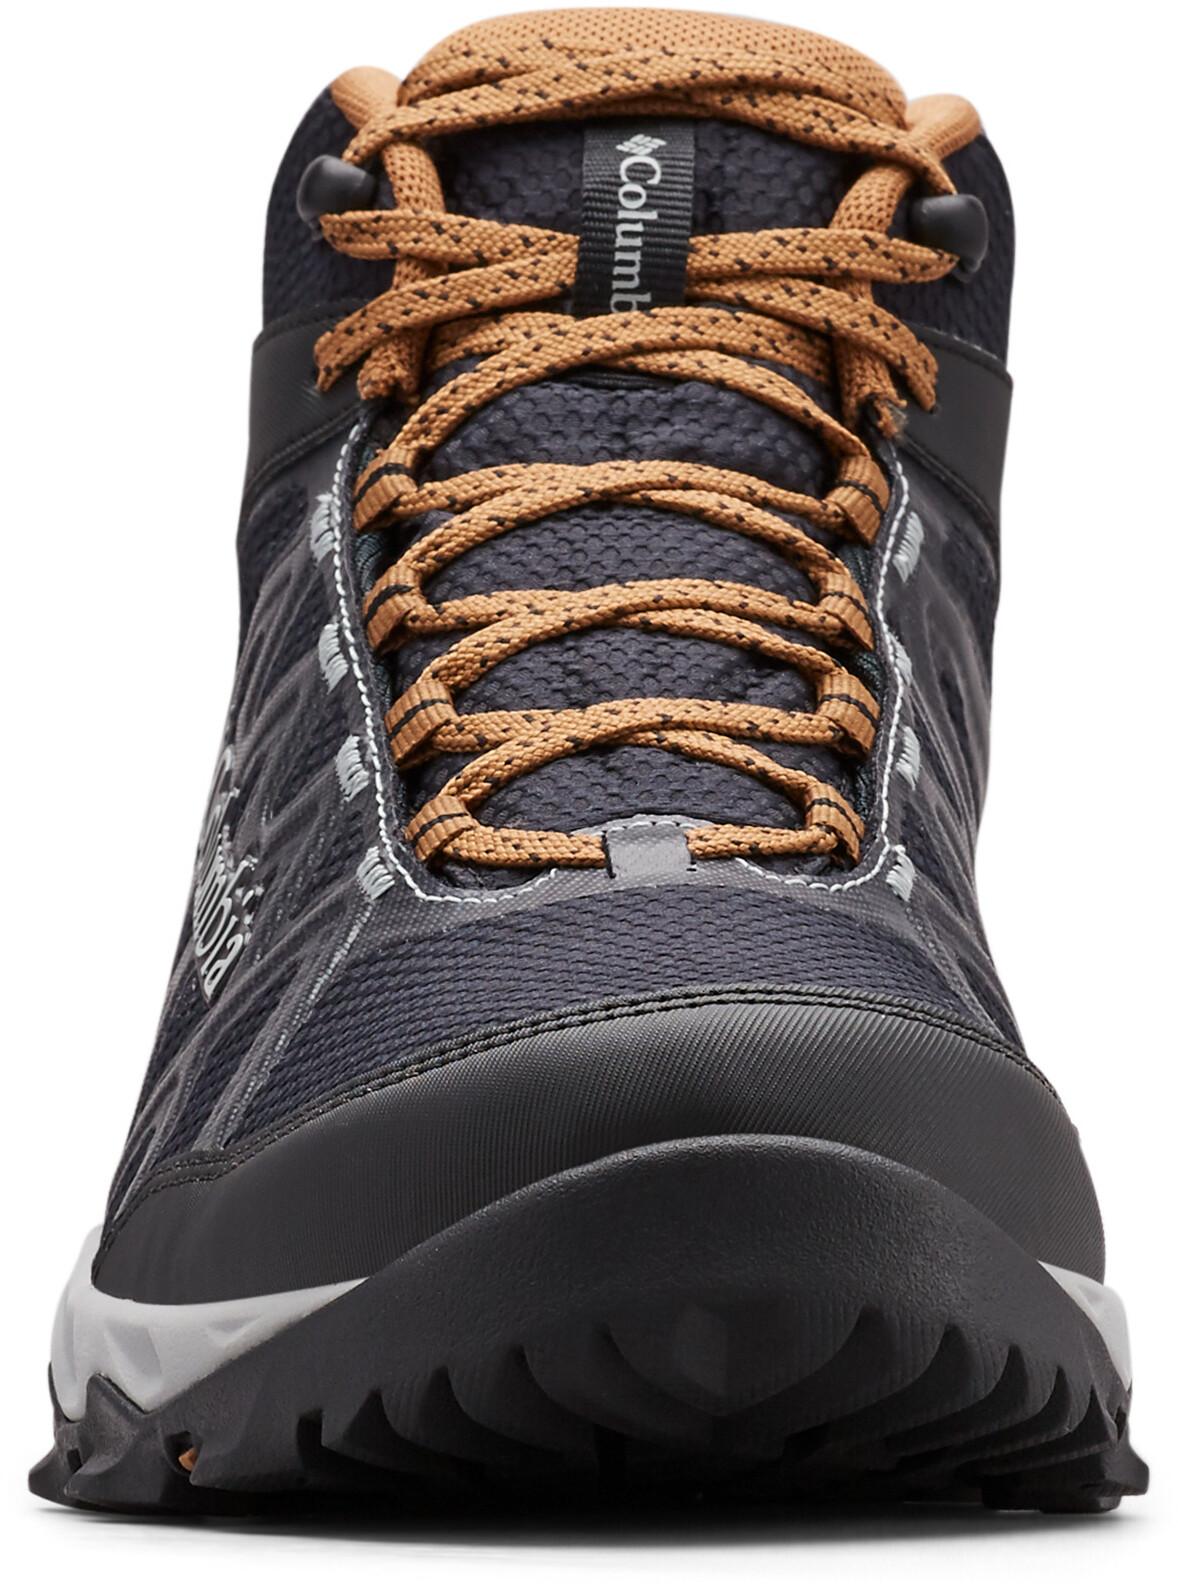 Columbia Peakfreak X2 Mid Cut Schuhe Outdry Herren blackelk